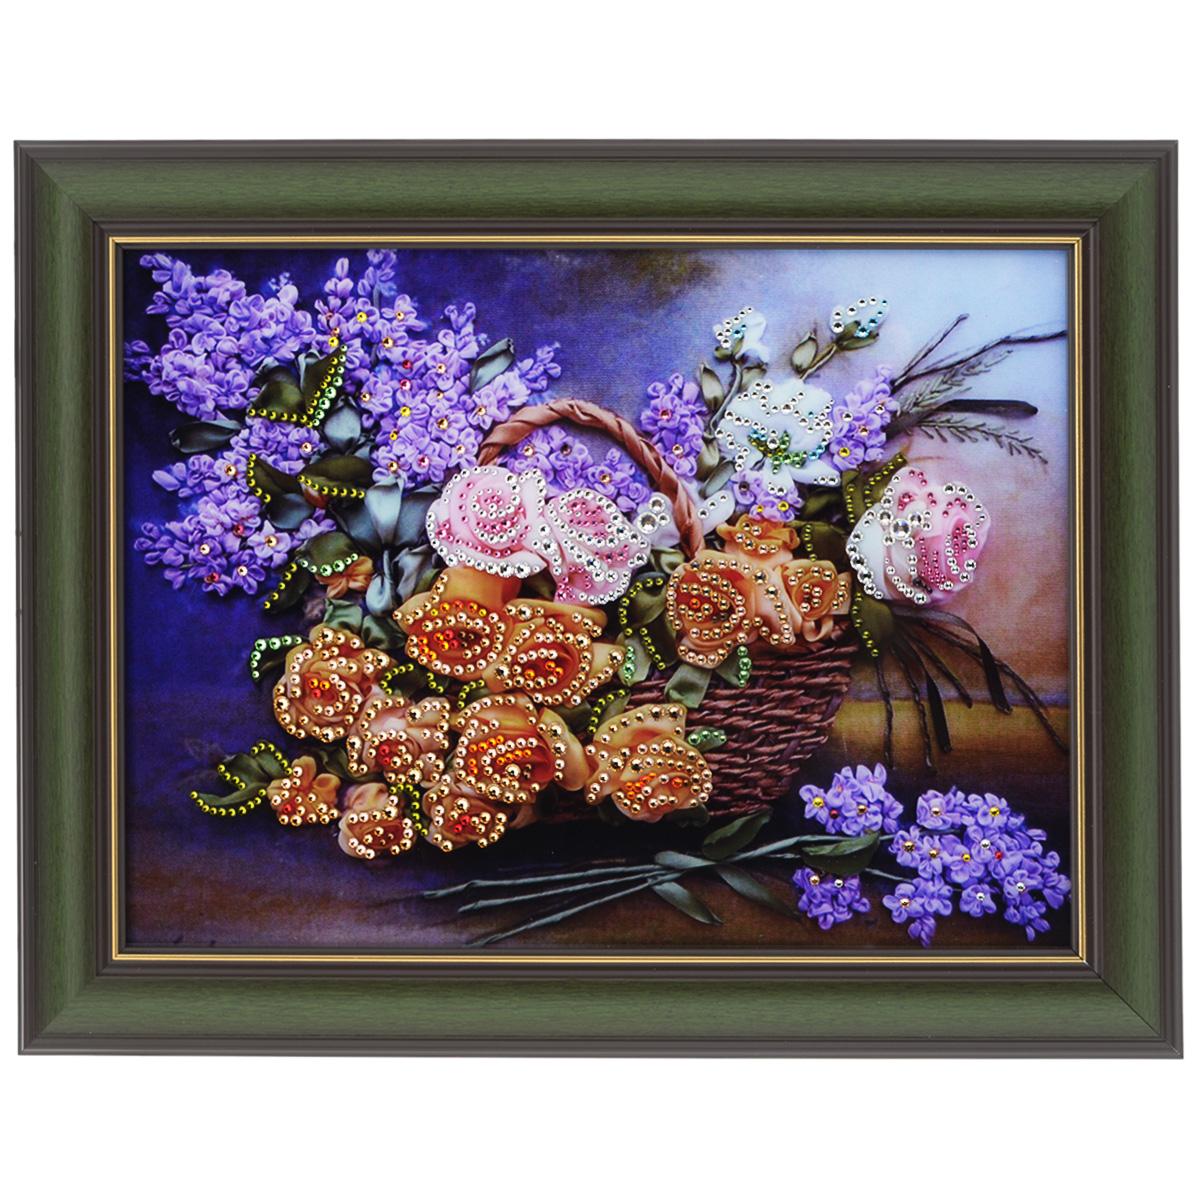 Картина с кристаллами Swarovski Натюрморт сирень, 48 х 38 см127729Изящная картина в багетной раме, инкрустирована кристаллами Swarovski, которые отличаются четкой и ровной огранкой, ярким блеском и чистотой цвета. Красочное изображение цветов в корзине, расположенное под стеклом, прекрасно дополняет блеск кристаллов. С обратной стороны имеется металлическая проволока для размещения картины на стене. Картина с кристаллами Swarovski Натюрморт сирень элегантно украсит интерьер дома или офиса, а также станет прекрасным подарком, который обязательно понравится получателю. Блеск кристаллов в интерьере, что может быть сказочнее и удивительнее. Картина упакована в подарочную картонную коробку синего цвета и комплектуется сертификатом соответствия Swarovski.